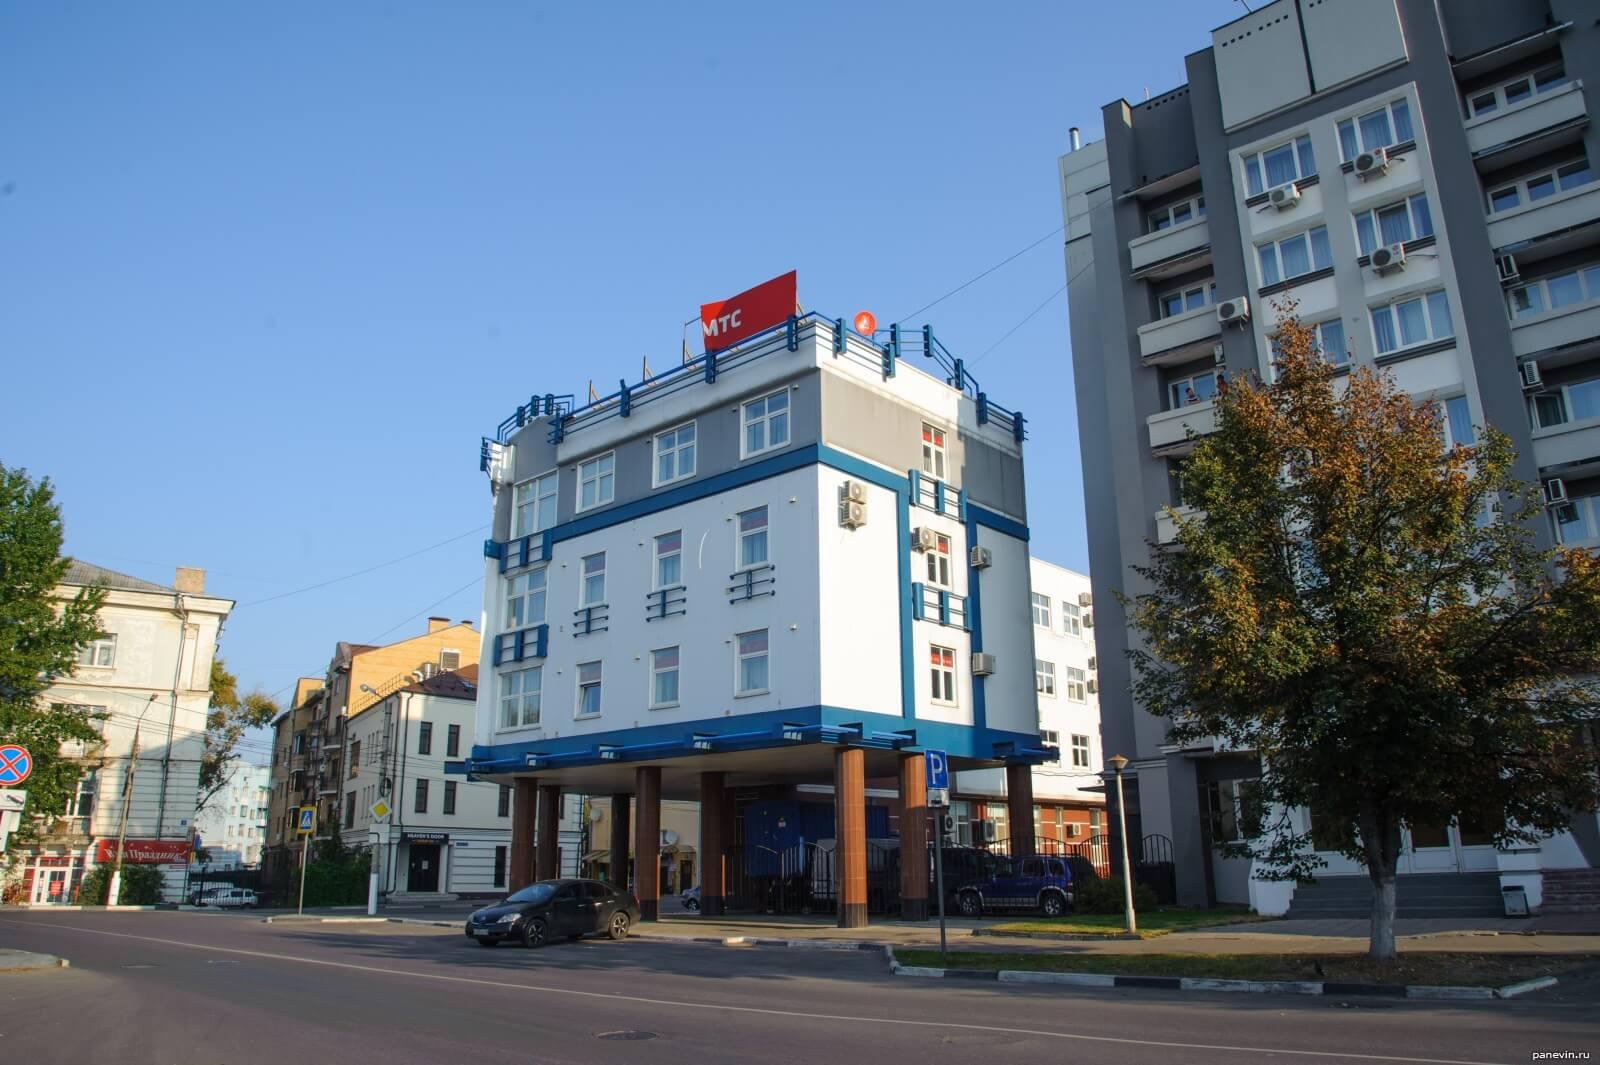 Офис МТС